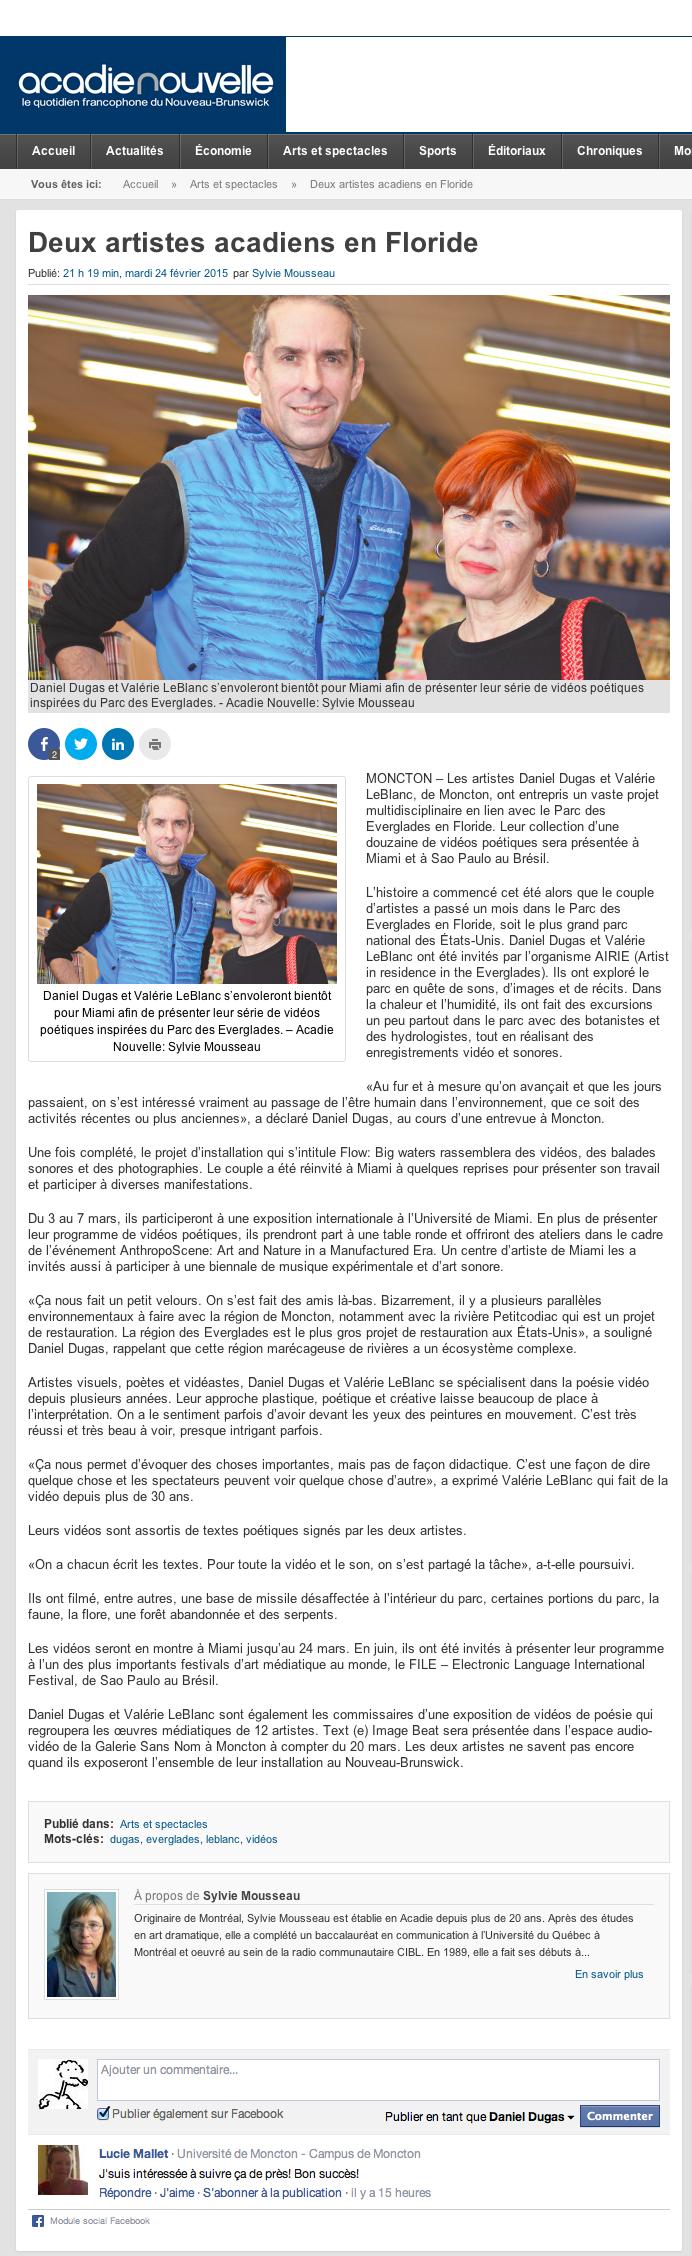 acadie-nouvelle-25feb-2015-nobanner